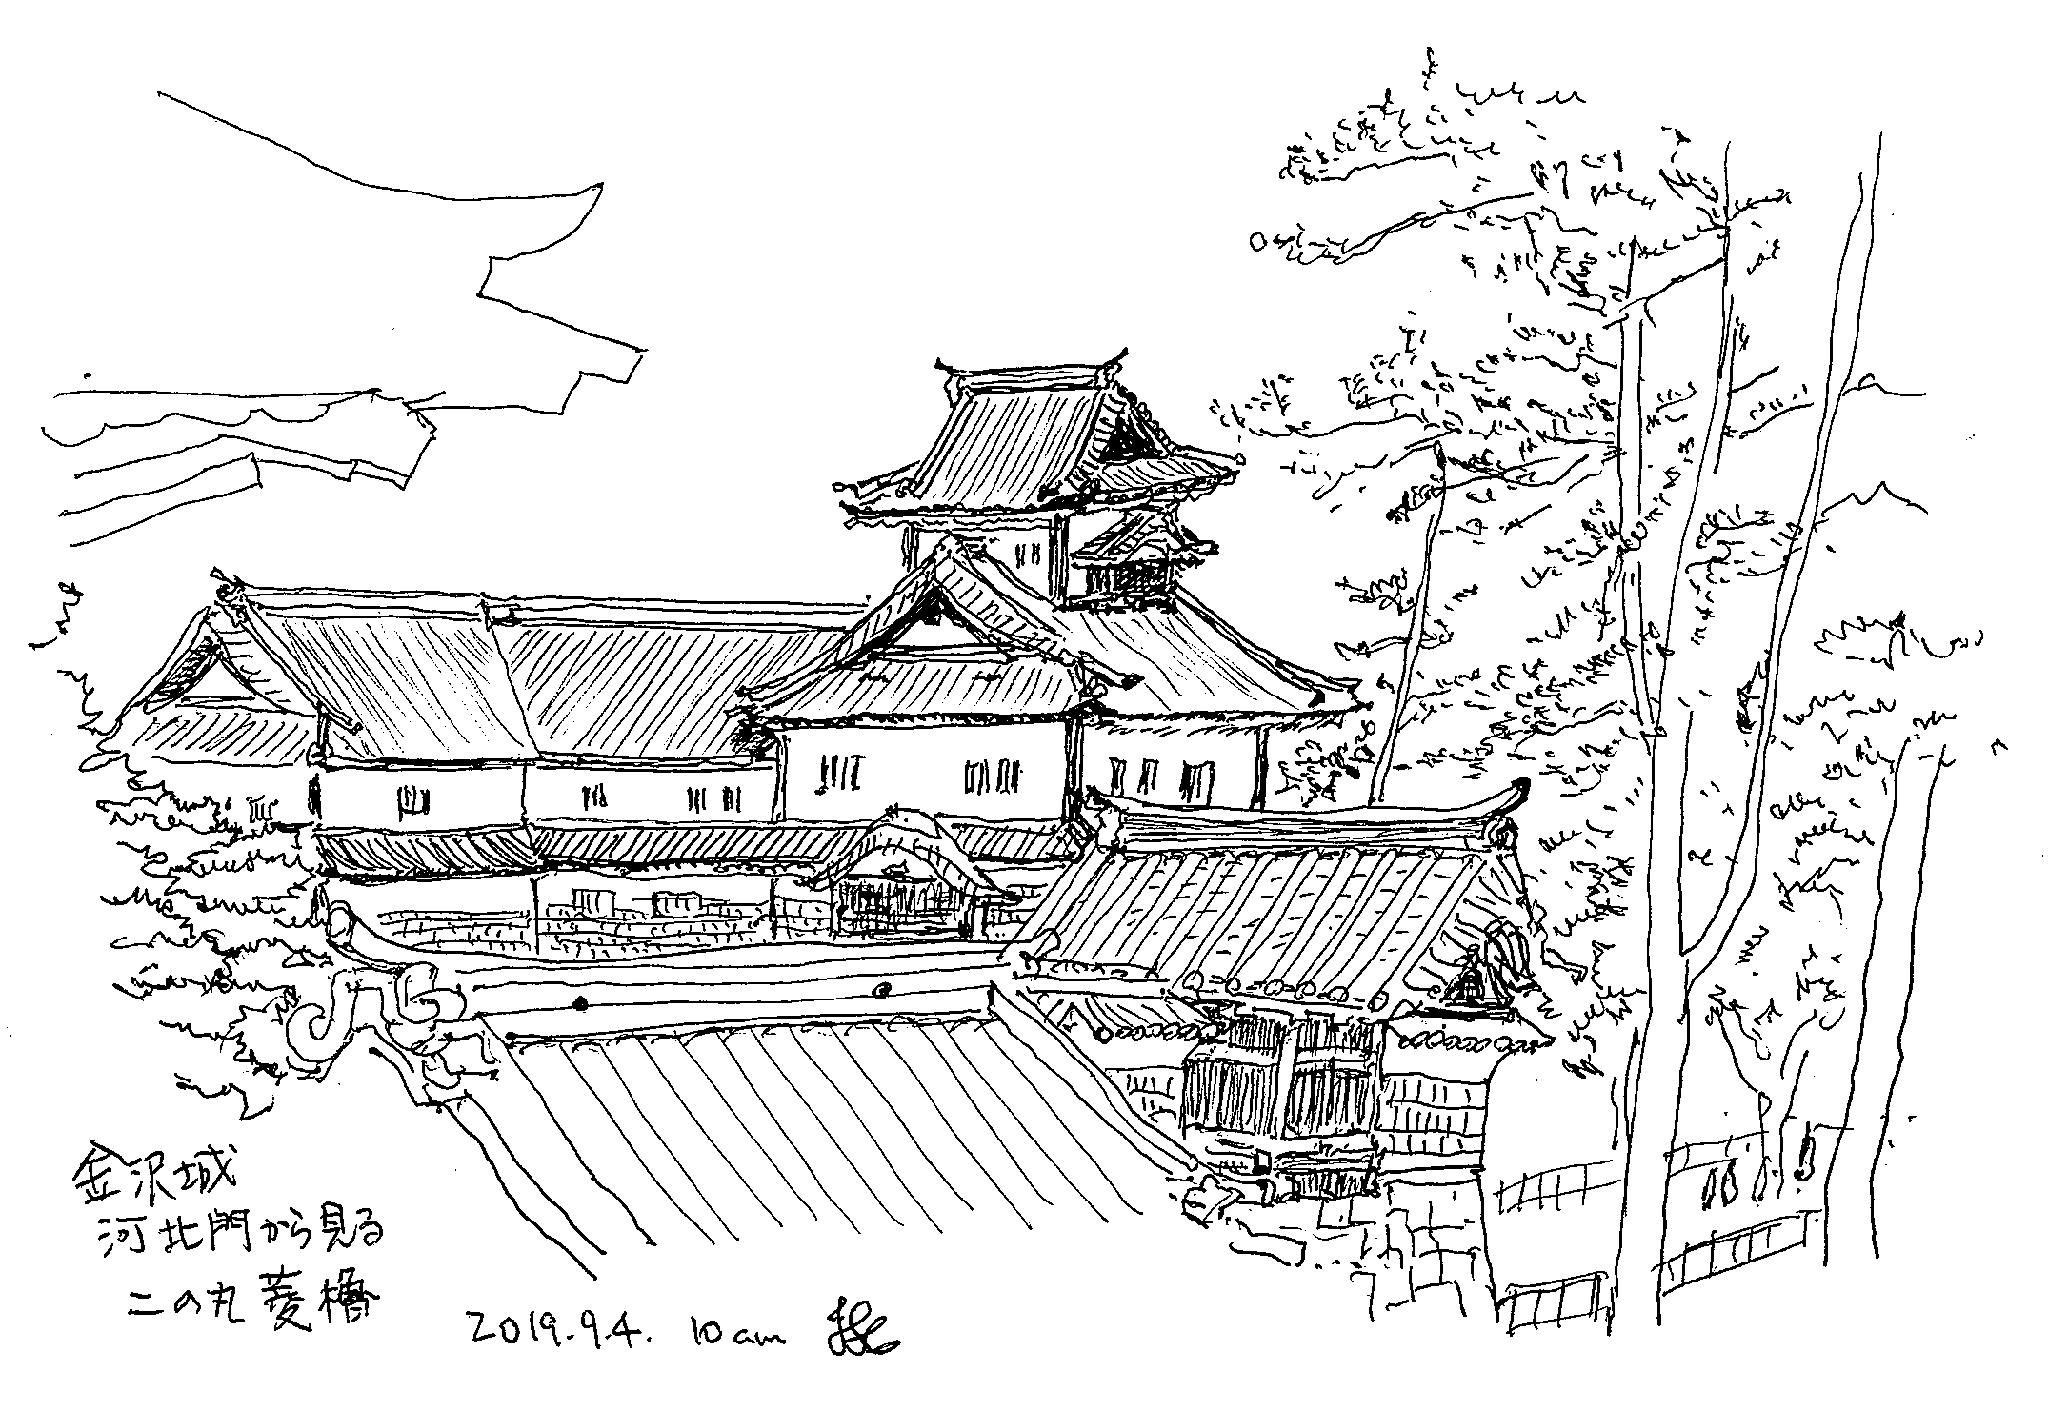 まちの中の建築スケッチ 神田順 金沢城